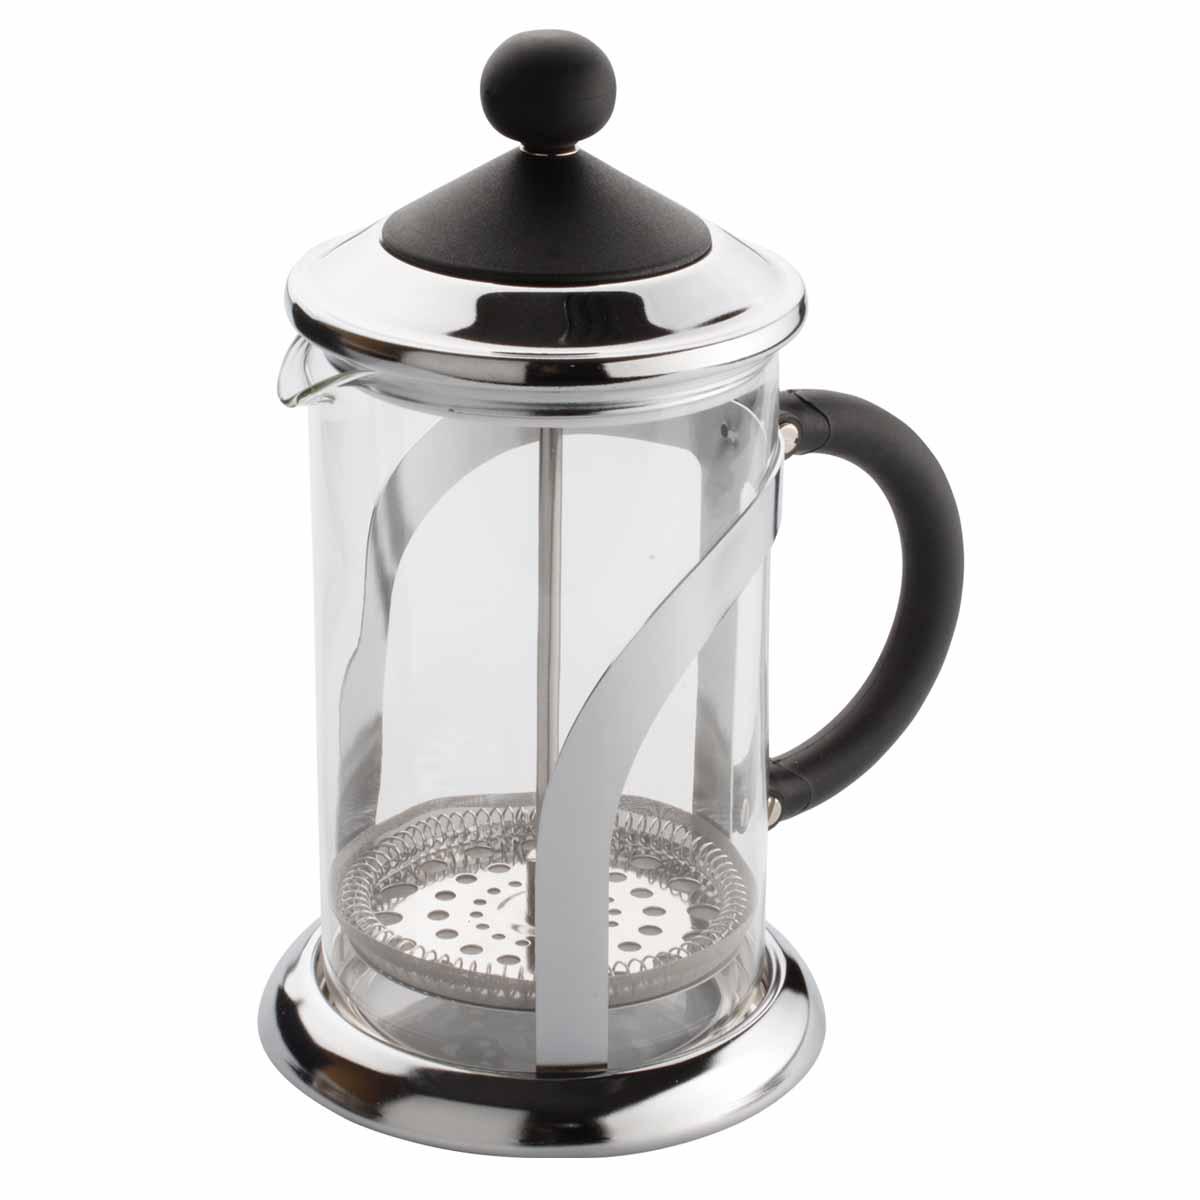 Френч-пресс Dekok, 800 мл. CP-1018CP-1018Френч-пресс Dekok представляет собой гибрид заварочного чайника и кофейника. Колба выполнена из жаропрочного стекла, корпус, крышка и поршень изготовлены из нержавеющей стали. Изделие легко разбирается и моется. Прозрачные стенки френч-пресса дают возможность наблюдать за насыщением напитка, а поршень позволяет с легкостью отжать самый сок от заварки и получить напиток с насыщенным вкусом. Конструкция носика антикапля удобна для разливания напитков в чашки. Френч-пресс Dekok займет достойное место среди аксессуаров на вашей кухне. Не рекомендуется мыть в посудомоечной машине. Диаметр (по верхнему краю): 9,5 см. Высота чайника (с крышкой): 23 см.